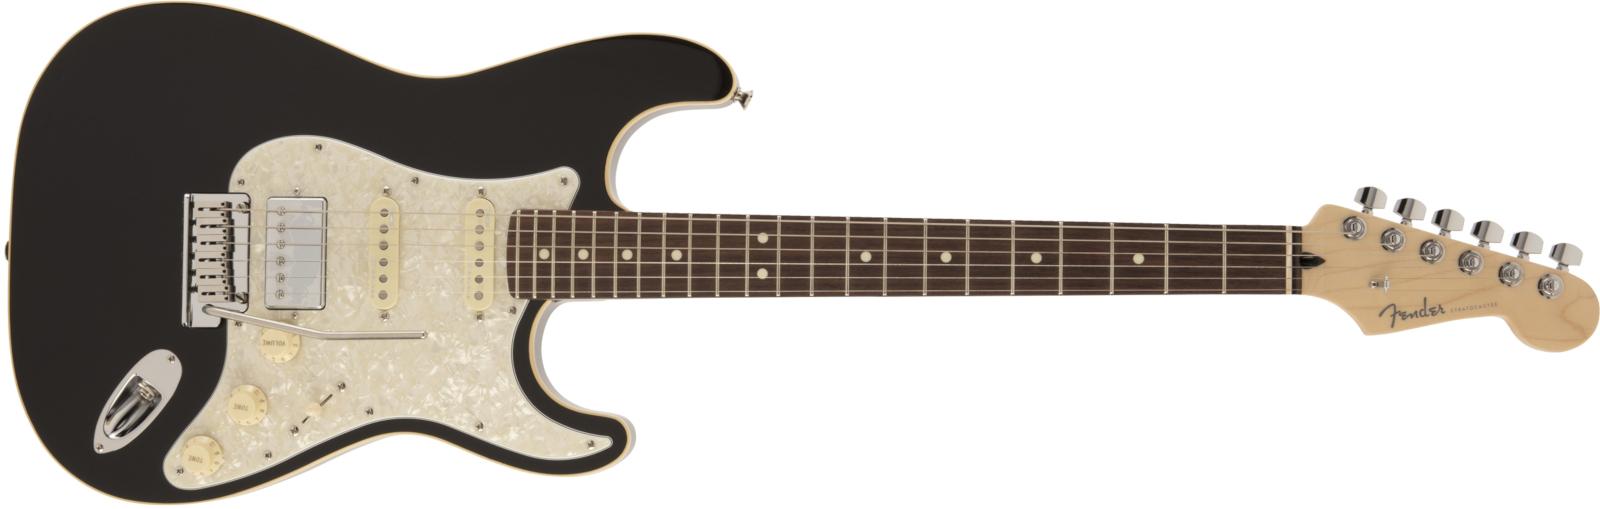 【送料無料】Fender MADE IN JAPAN MODERN STRATOCASTER® HSS BLACK 2019年7月発表 最新シリーズ フェンダー モダンシリーズ  <br>【即納できます!!】